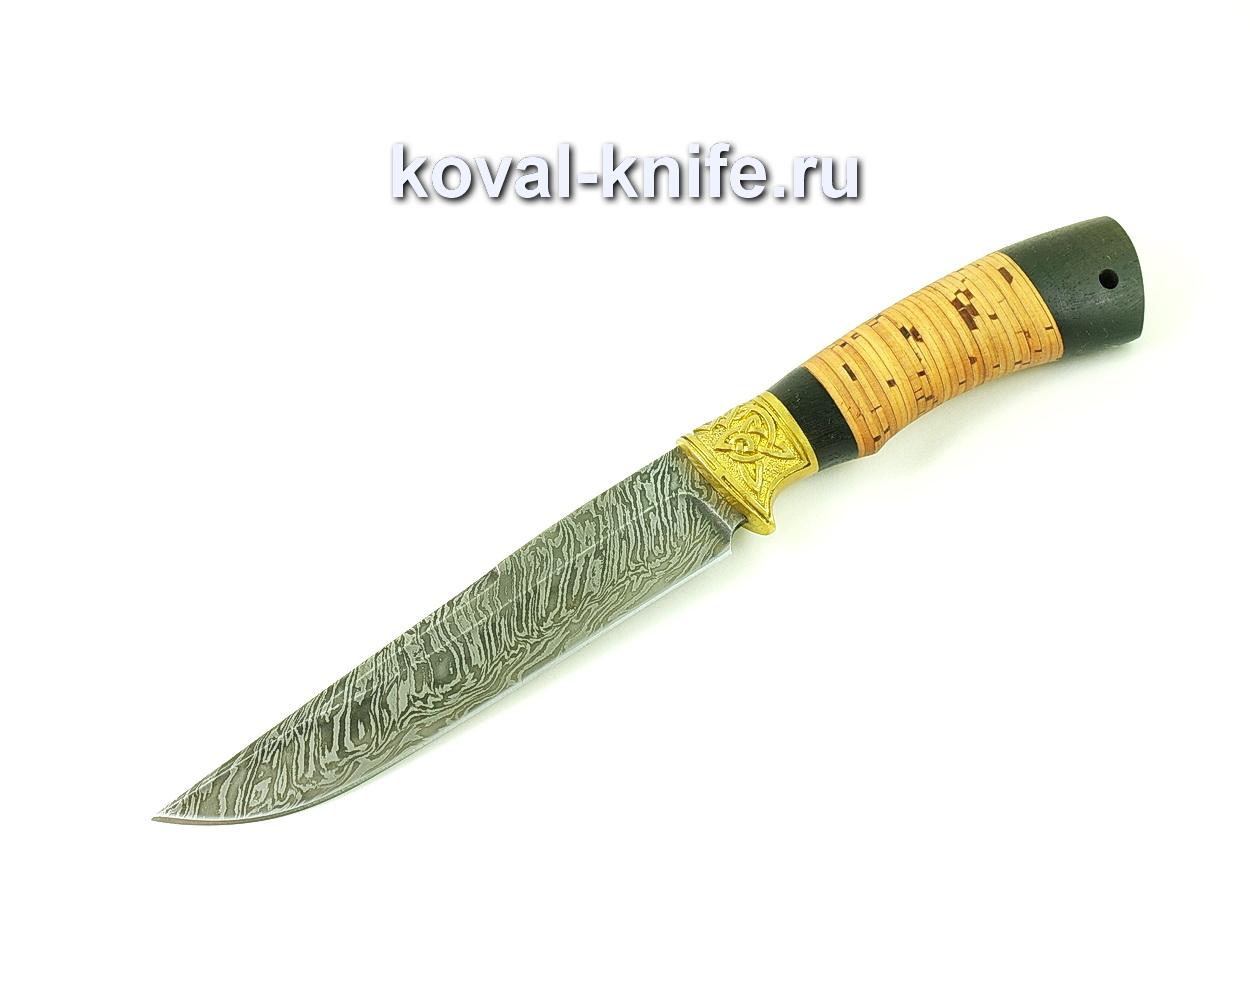 Нож из дамасской стали Лис (рукоять береста и граб) A491